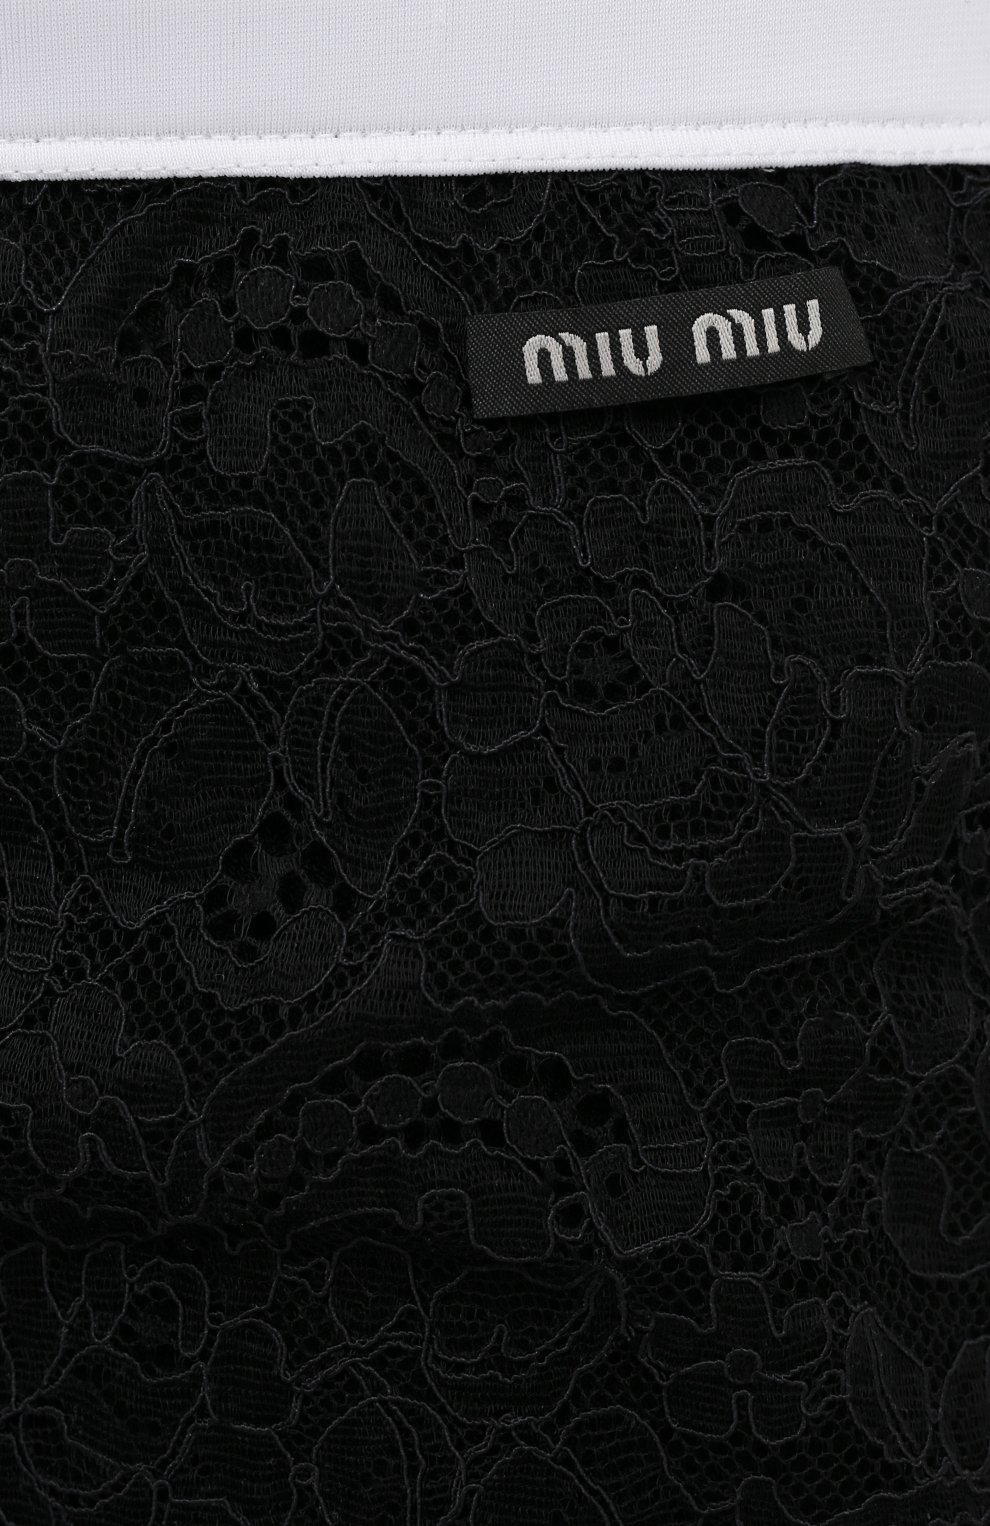 Женские шорты MIU MIU черного цвета, арт. MJP229-2W0-F0002 | Фото 5 (Женское Кросс-КТ: Шорты-одежда; Материал внешний: Синтетический материал; Длина Ж (юбки, платья, шорты): До колена; Стили: Романтичный)